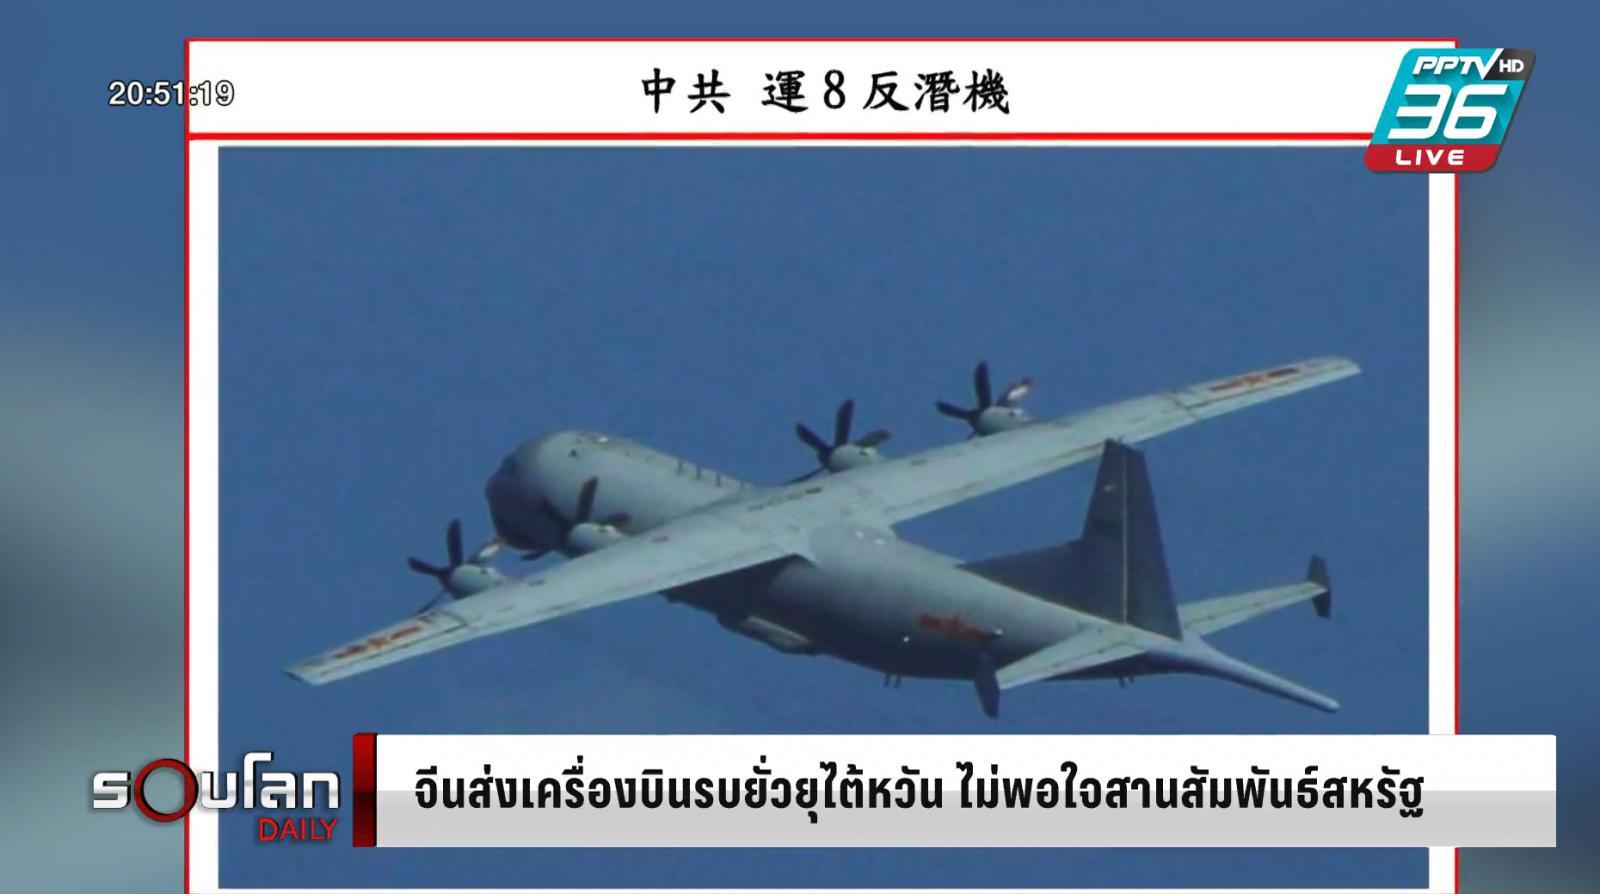 จีนส่งเครื่องบินรบยั่วยุไต้หวัน ไม่พอใจสานสัมพันธ์สหรัฐฯ